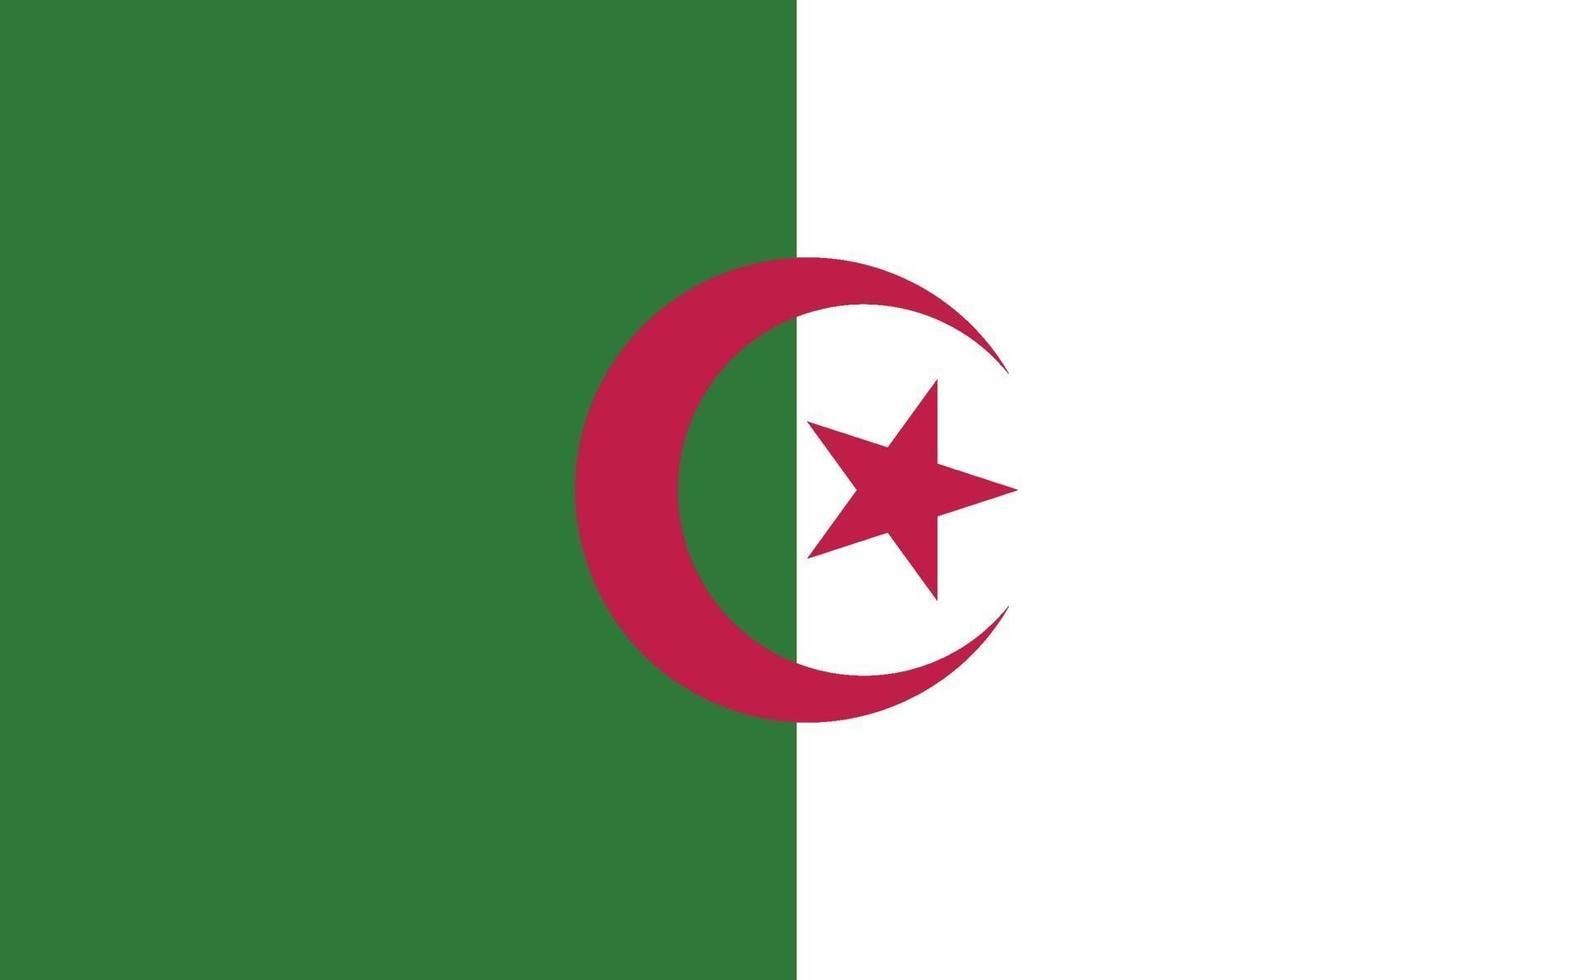 Bandera nacional de Argelia en proporciones exactas - ilustración vectorial vector